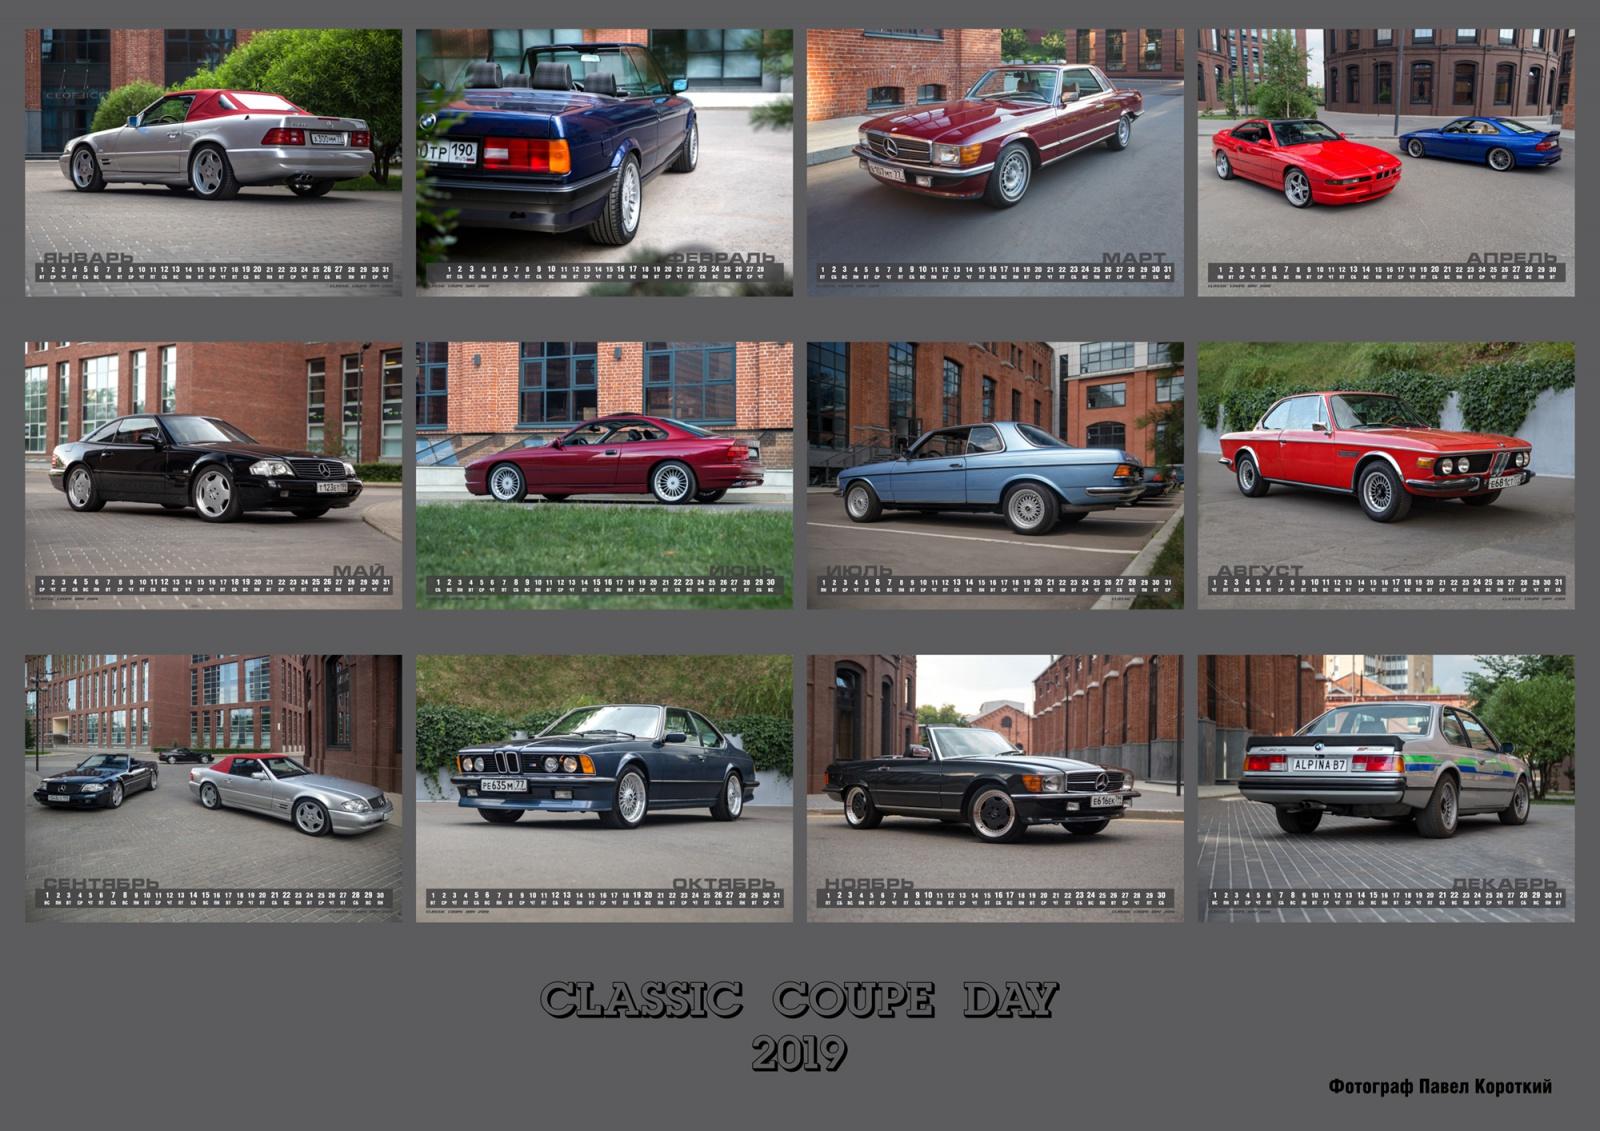 Название: CALENDAR A3 Classik coupe day-2019-x6_FINAL-nor-14.jpg Просмотров: 162  Размер: 592.6 Кб